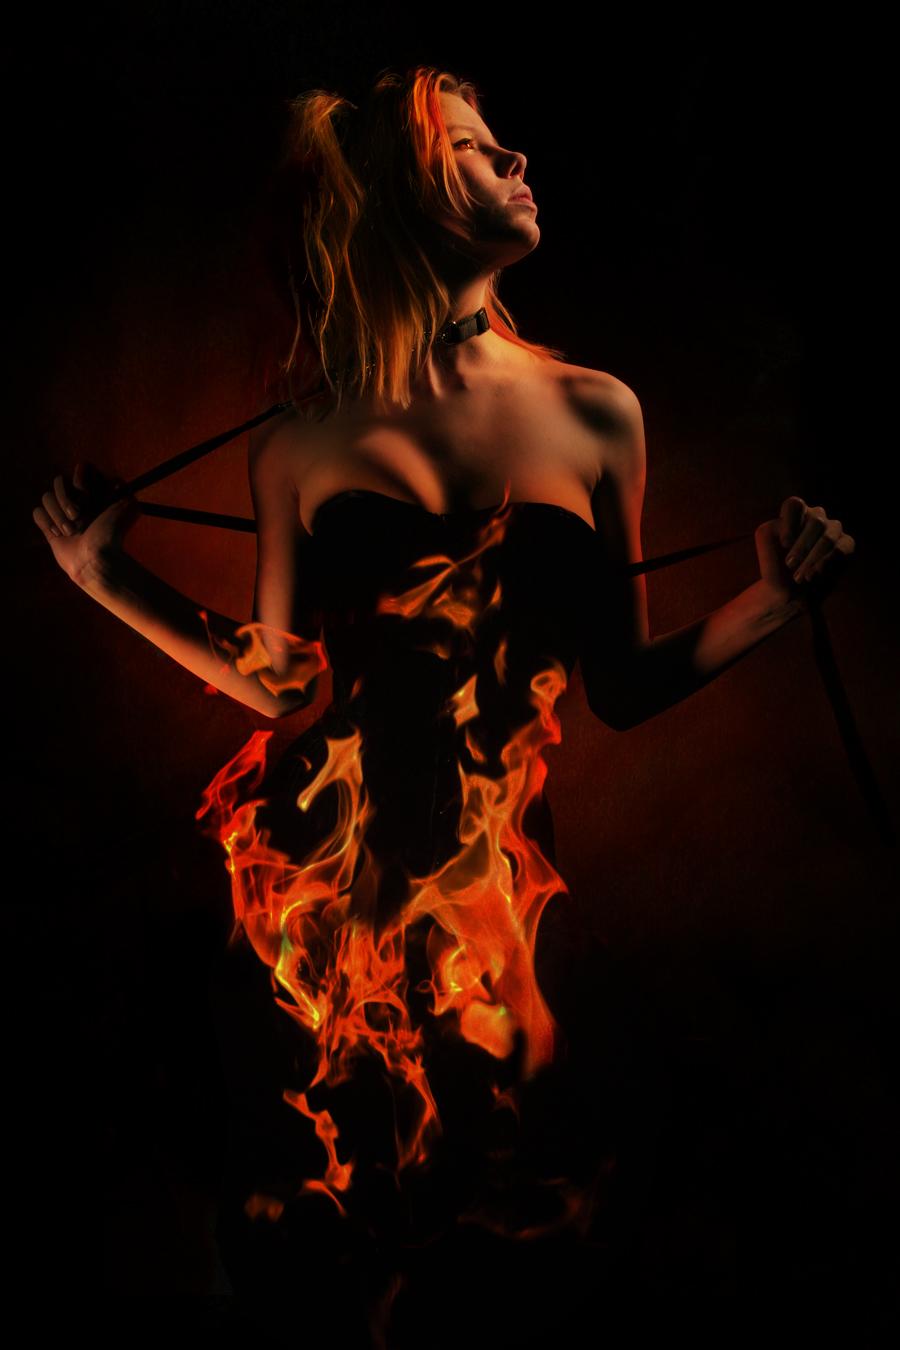 Elle Est En FEu :D dans Sexy It__s_a_fire_by_Wintersouls